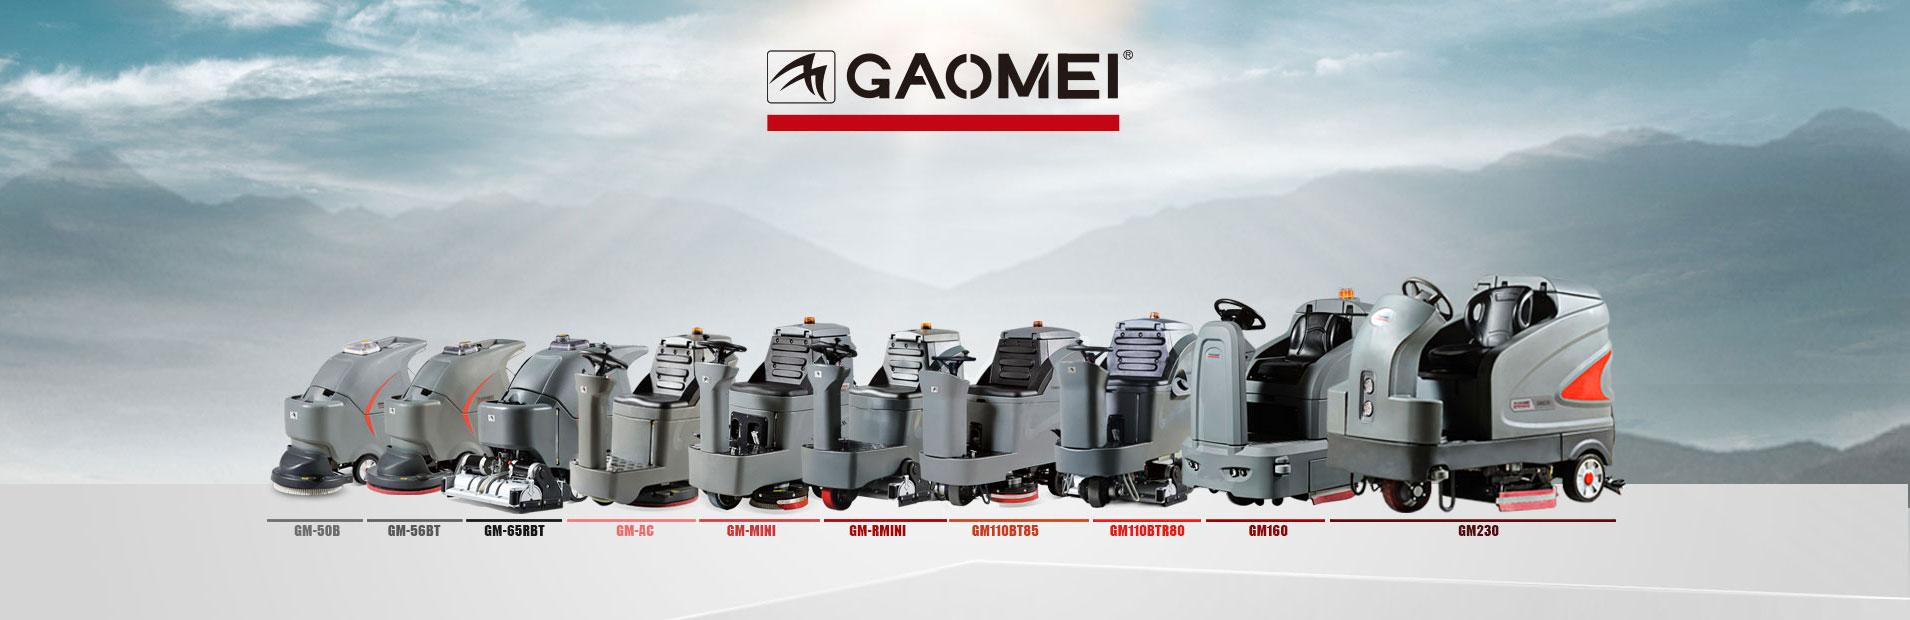 Gaomei - Китайские поломоечные машины со склада в Украине